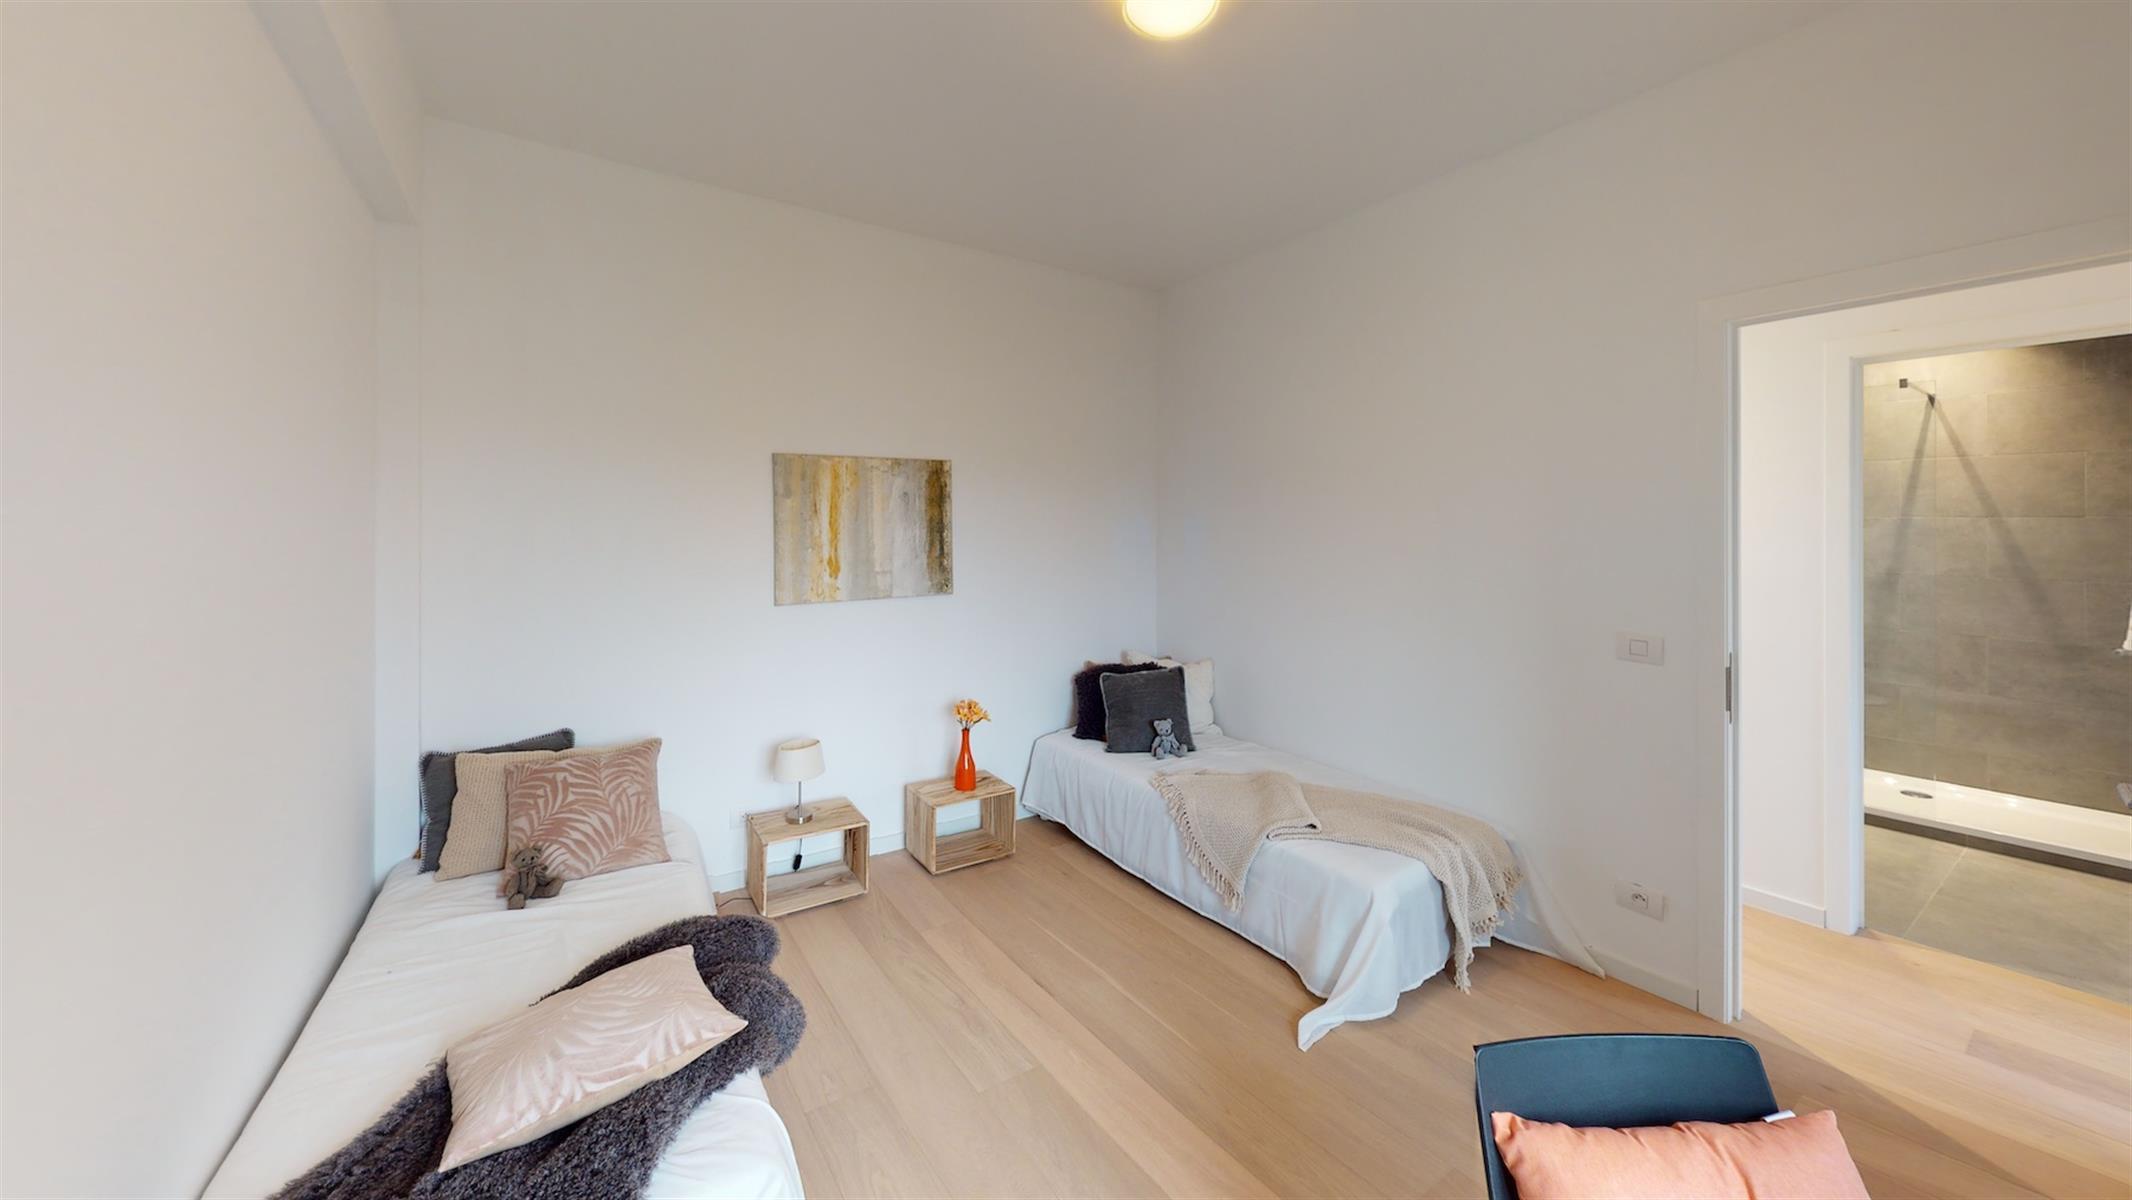 Makelaarskantoor De Meester, Appartement|Penthouse te 2018 Antwerpen